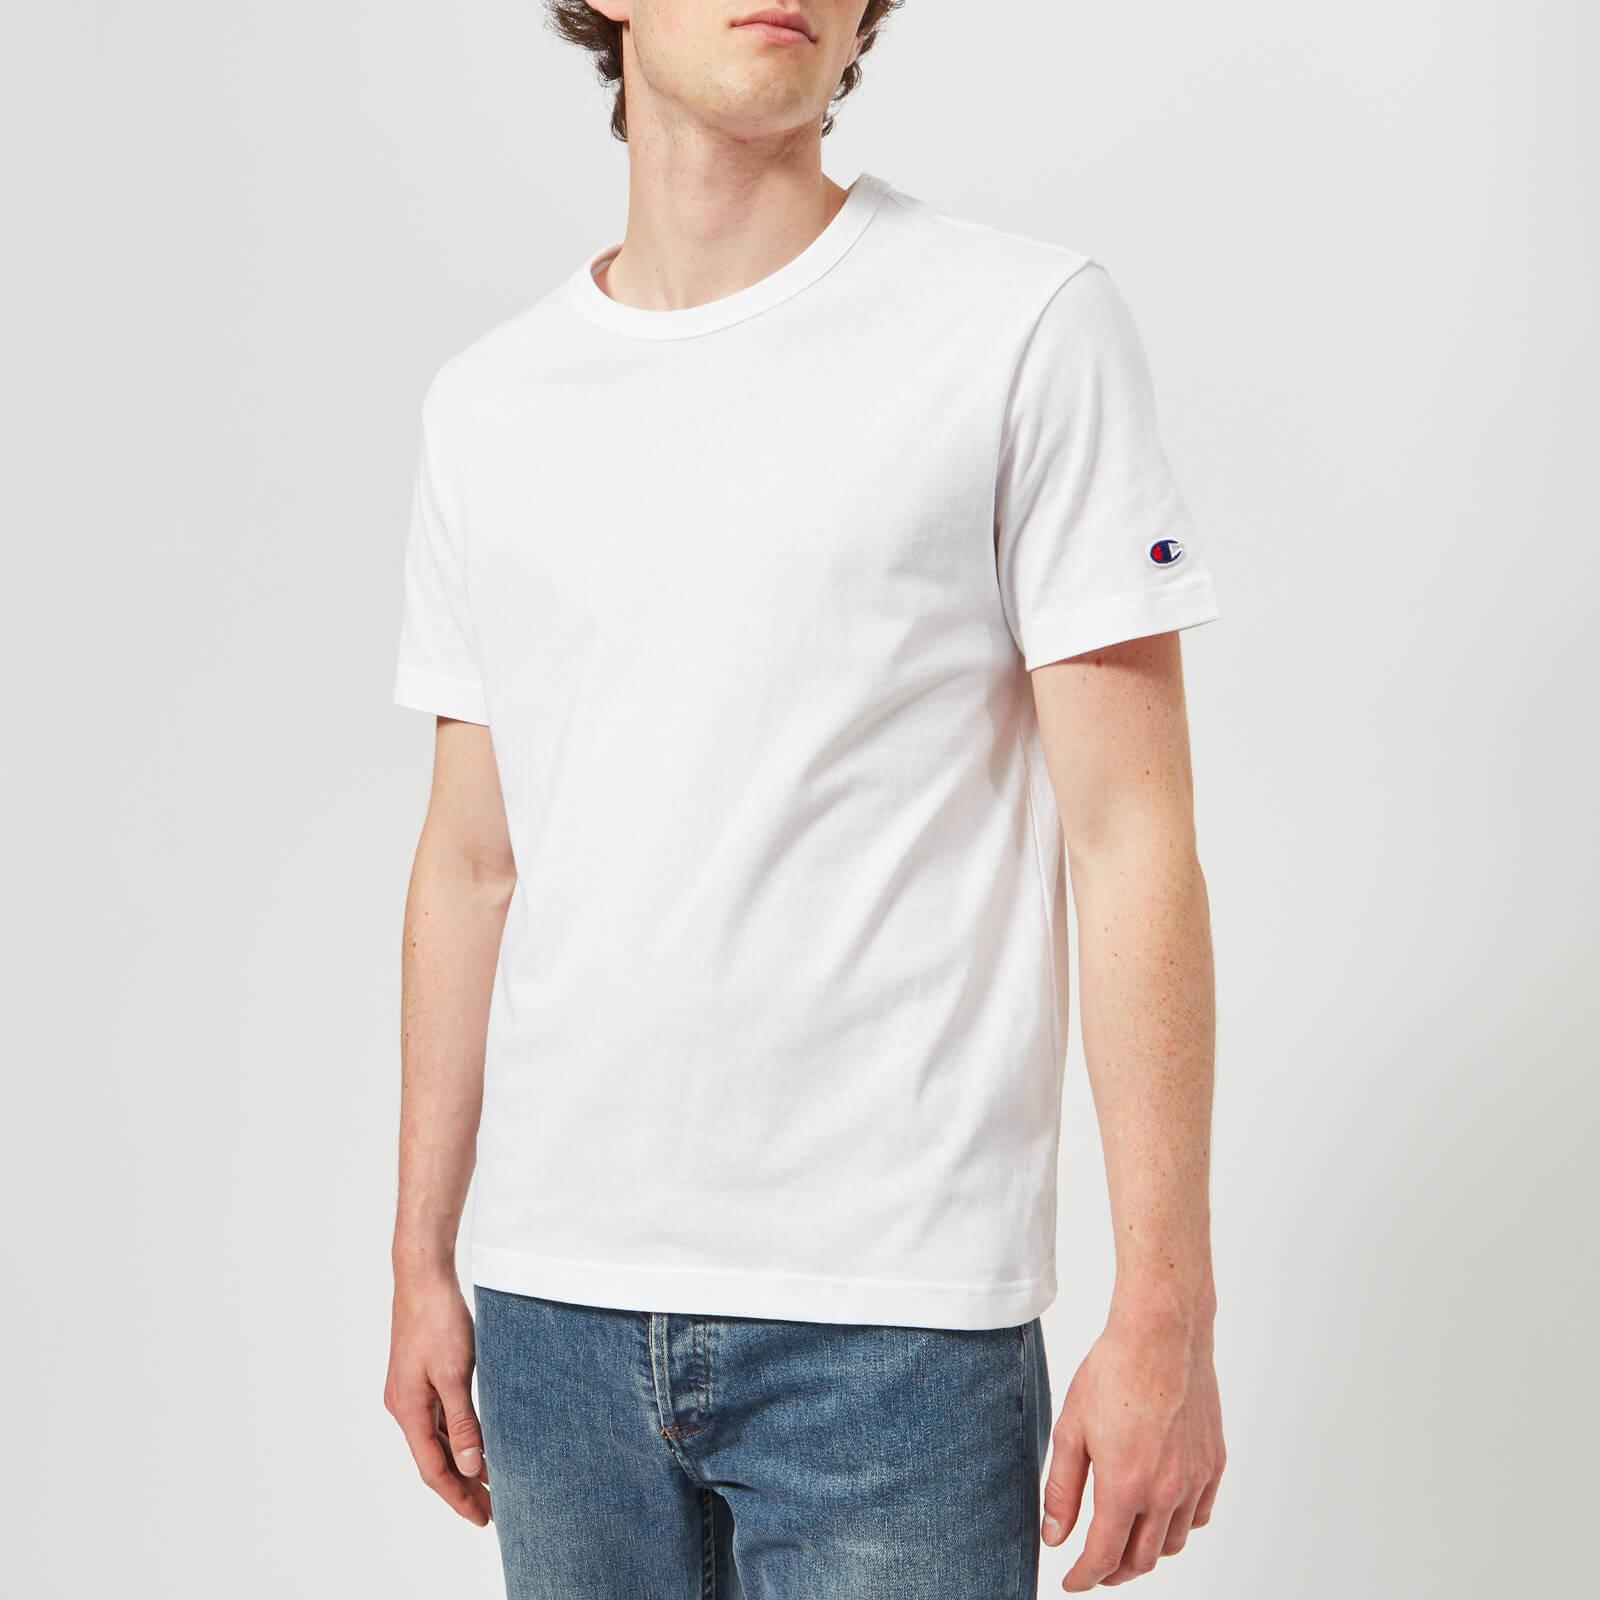 Champion Men's Crew Neck T-Shirt - White - M